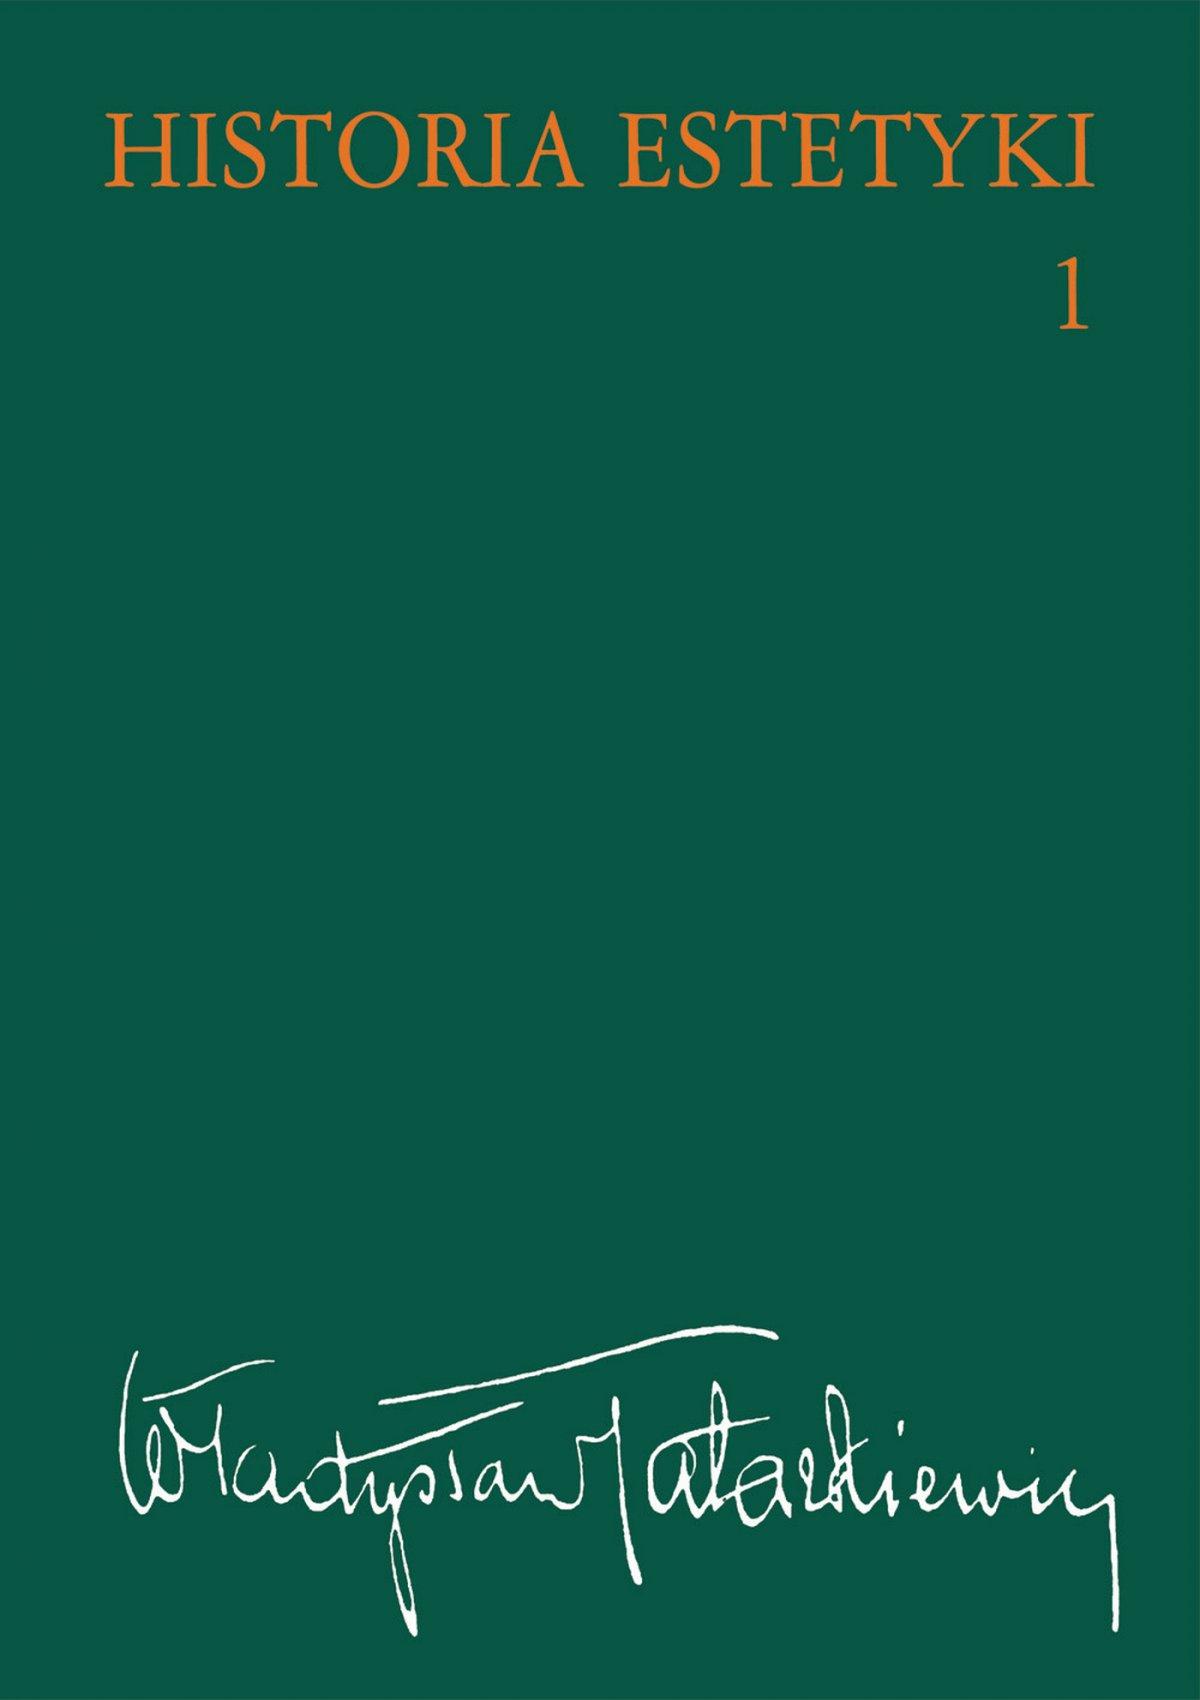 Historia estetyki. Tom 1 - Ebook (Książka na Kindle) do pobrania w formacie MOBI